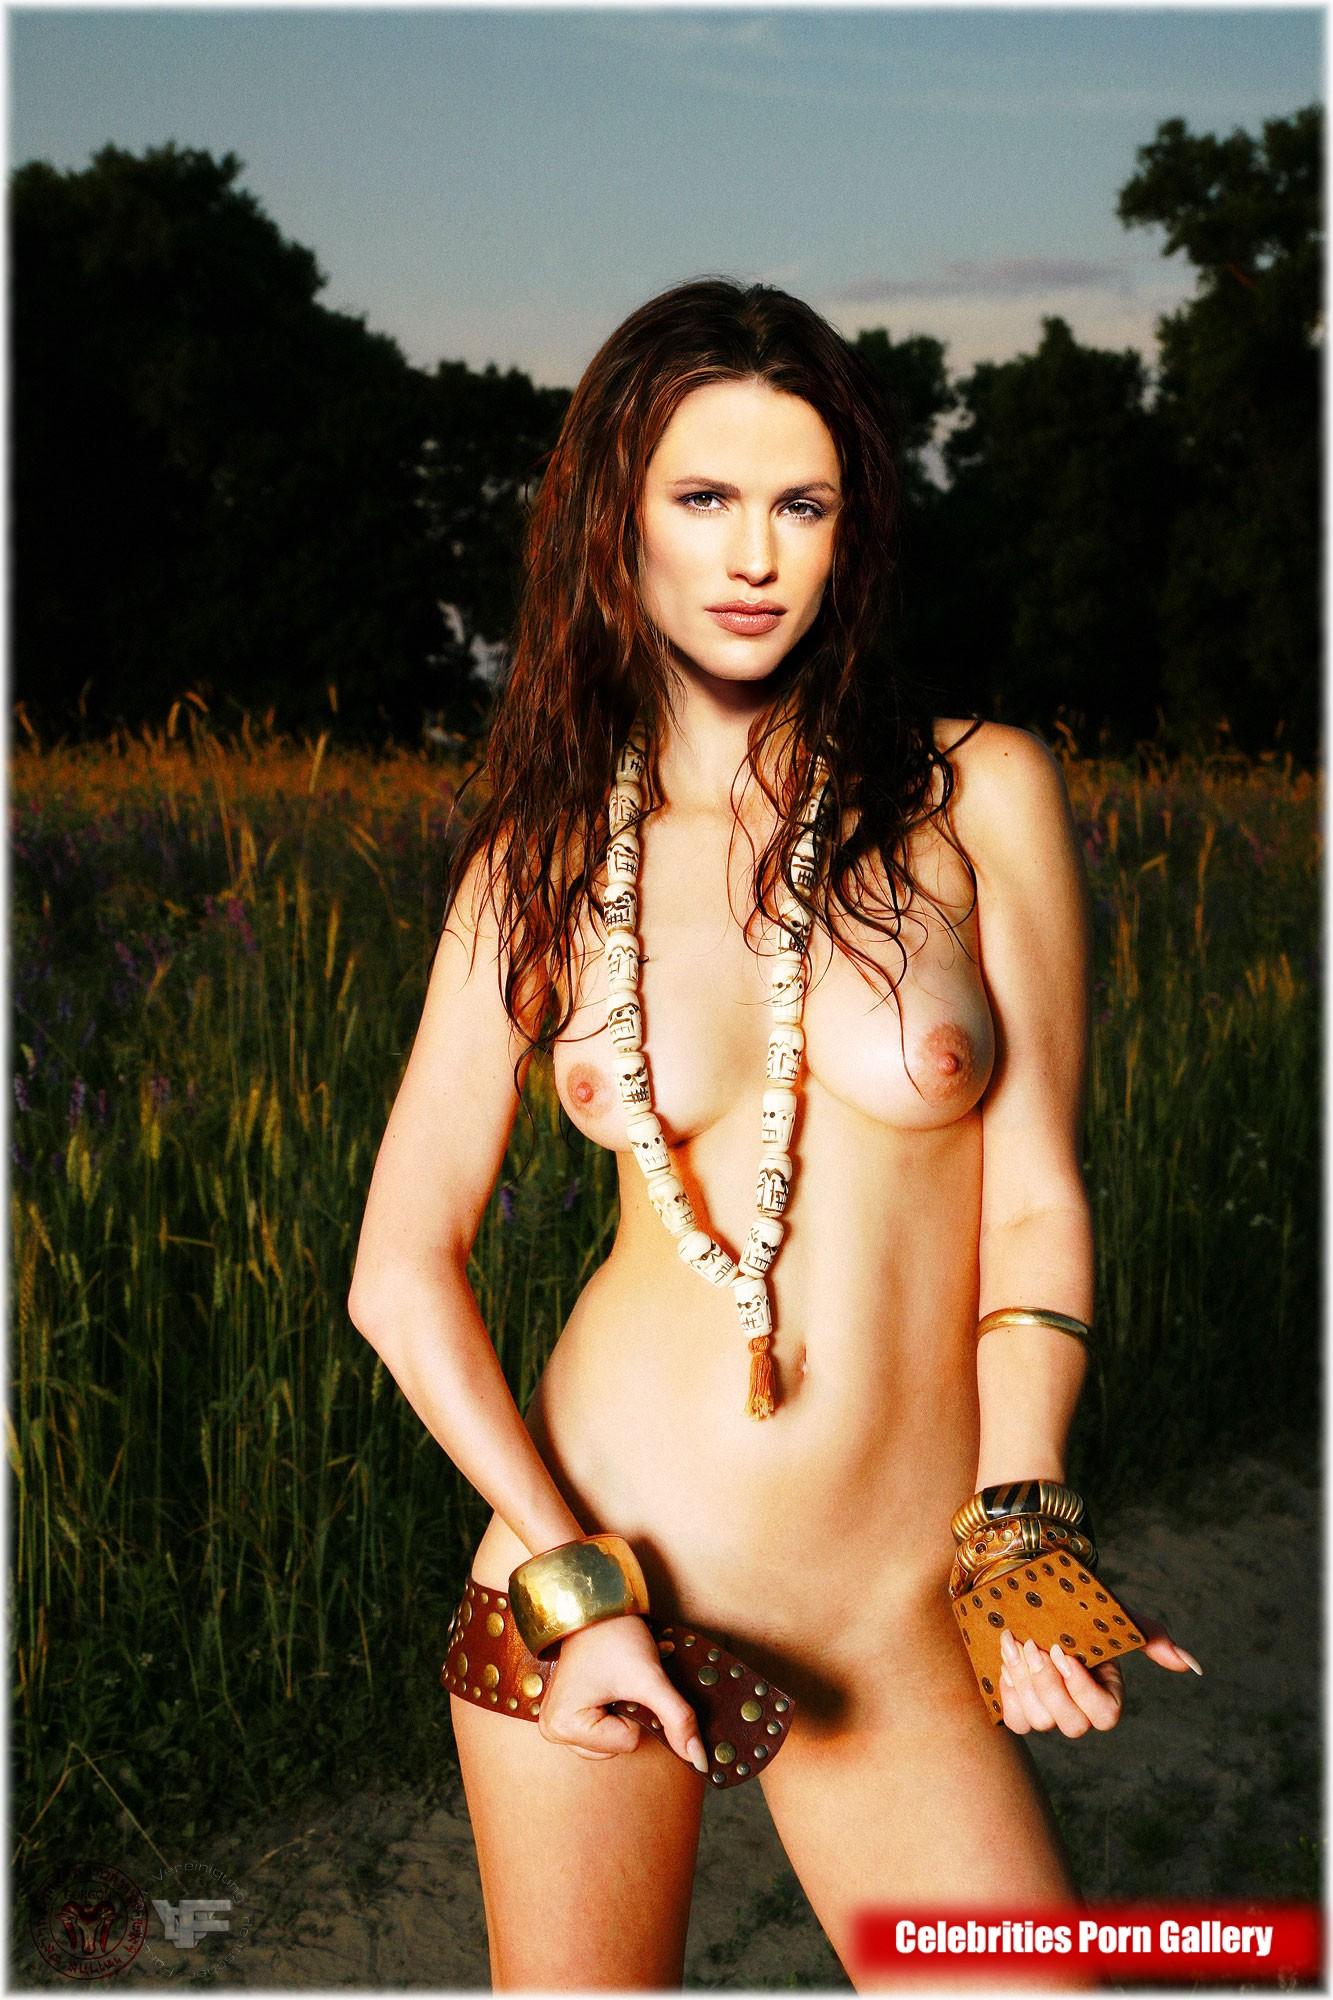 Jennifer garner naked celebrity pics